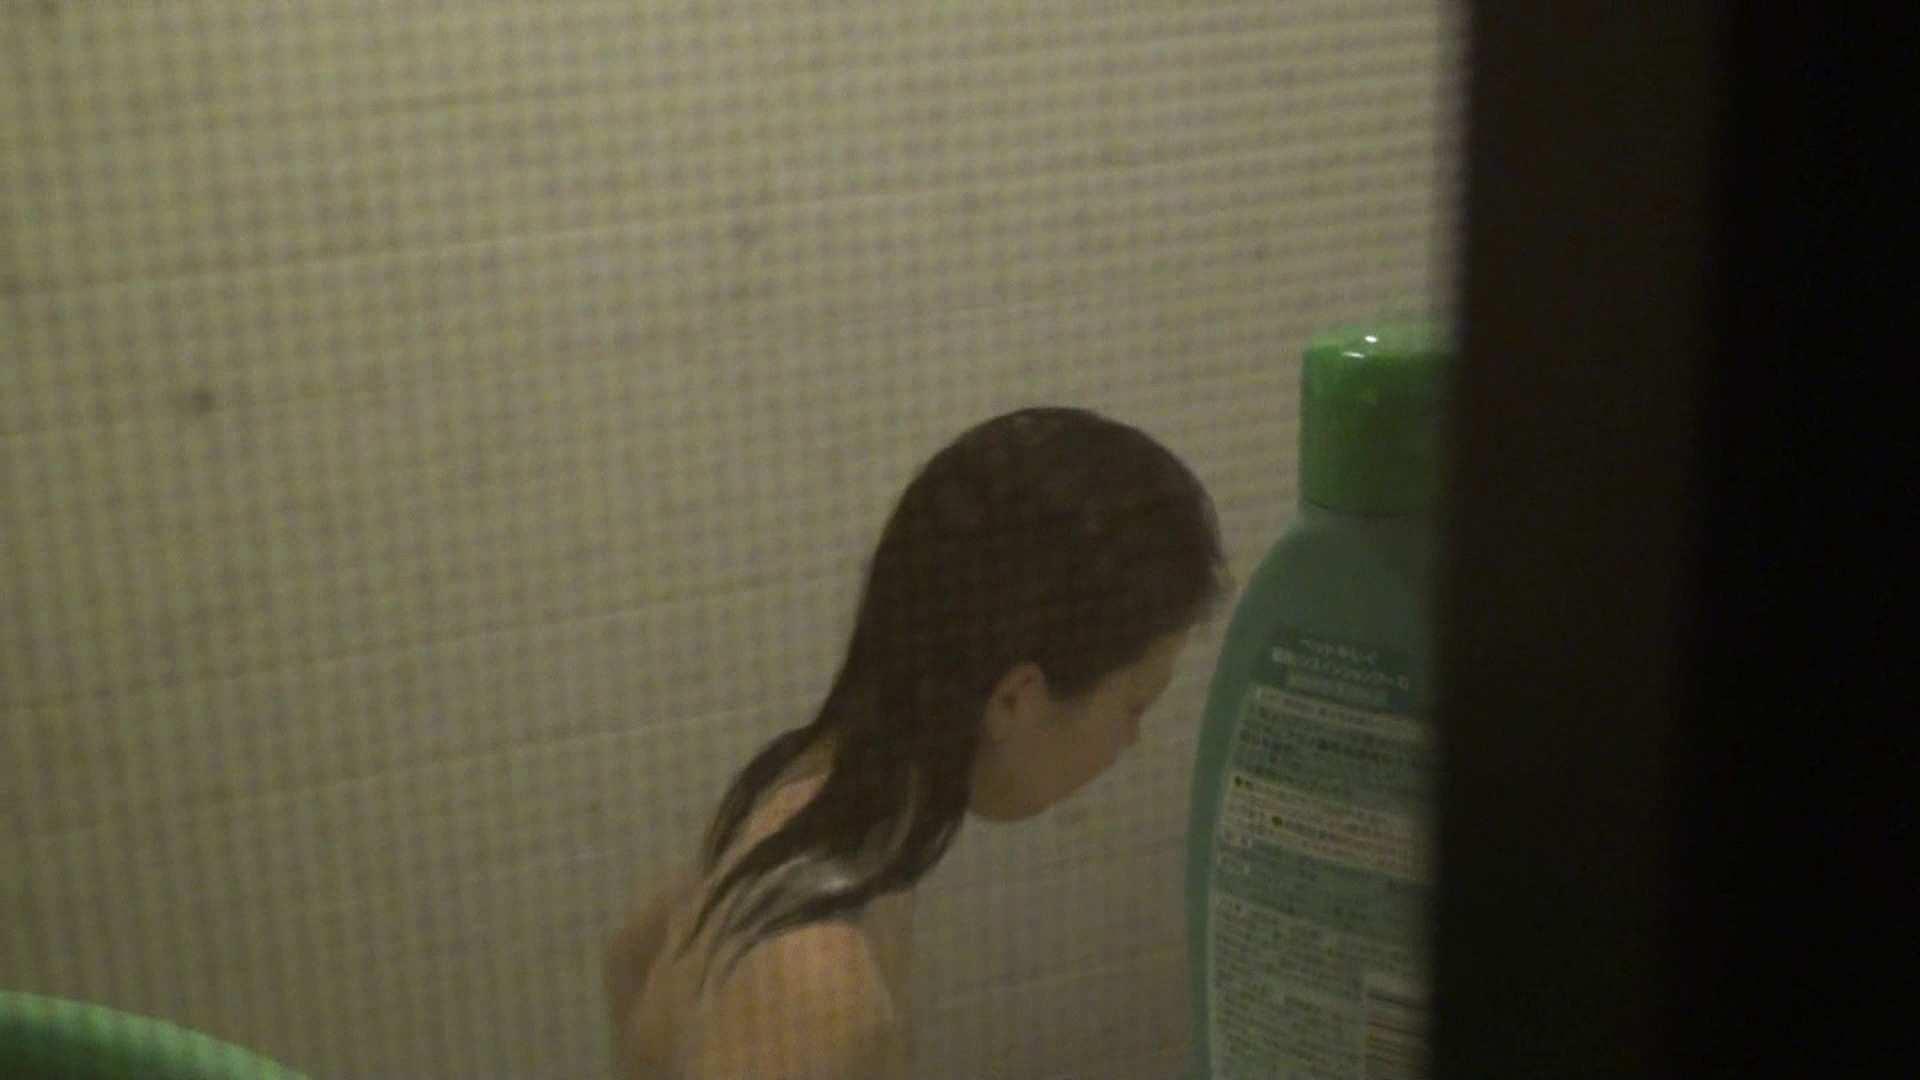 vol.06顔を洗い流す極上お女市さんの裸体をハイビジョンで!風呂上り着替え必見! 盗撮で悶絶  68画像 24